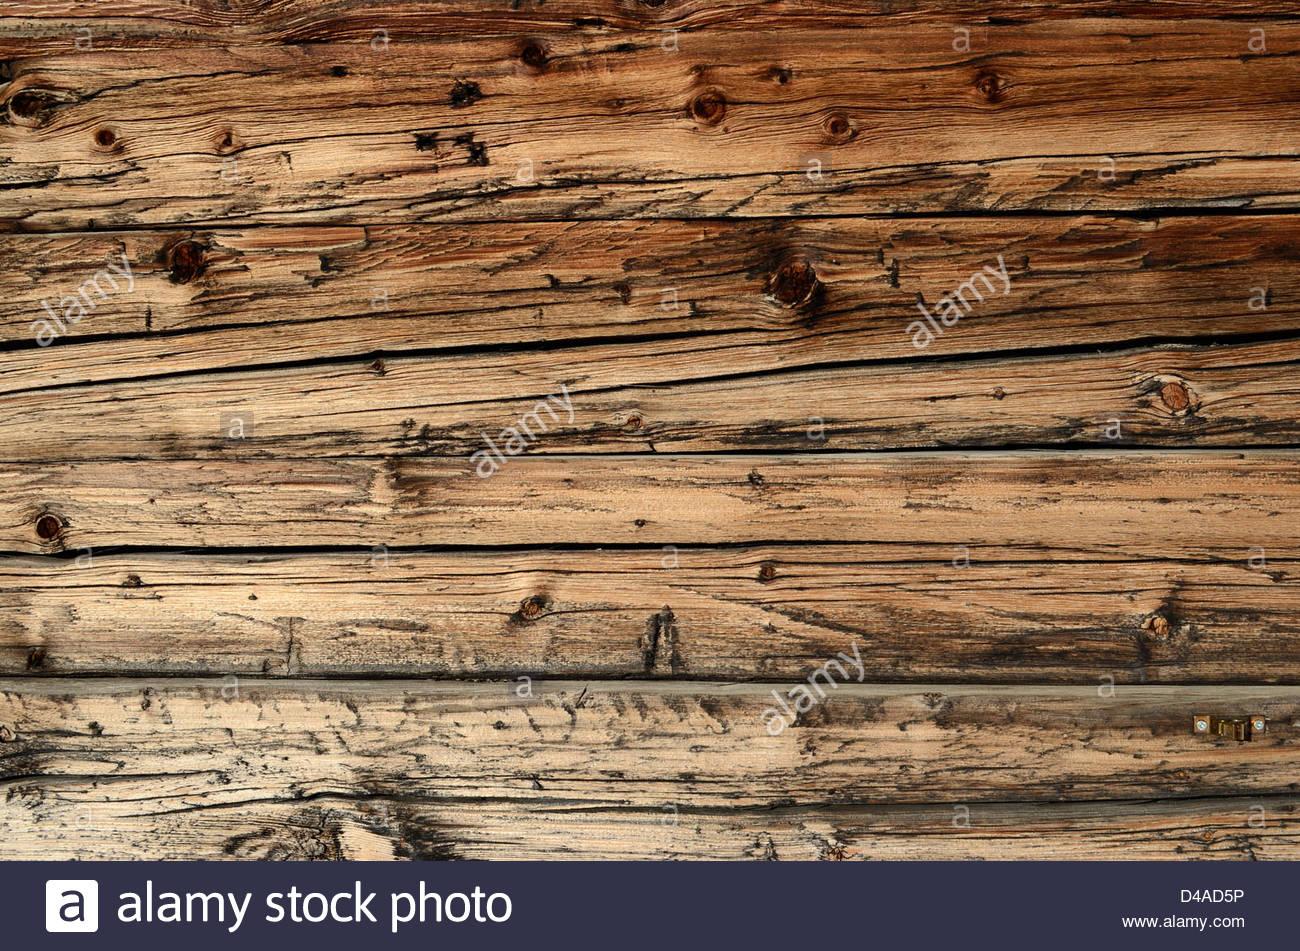 Weathered Wood Background Stock Photos Weathered Wood Background 1300x951